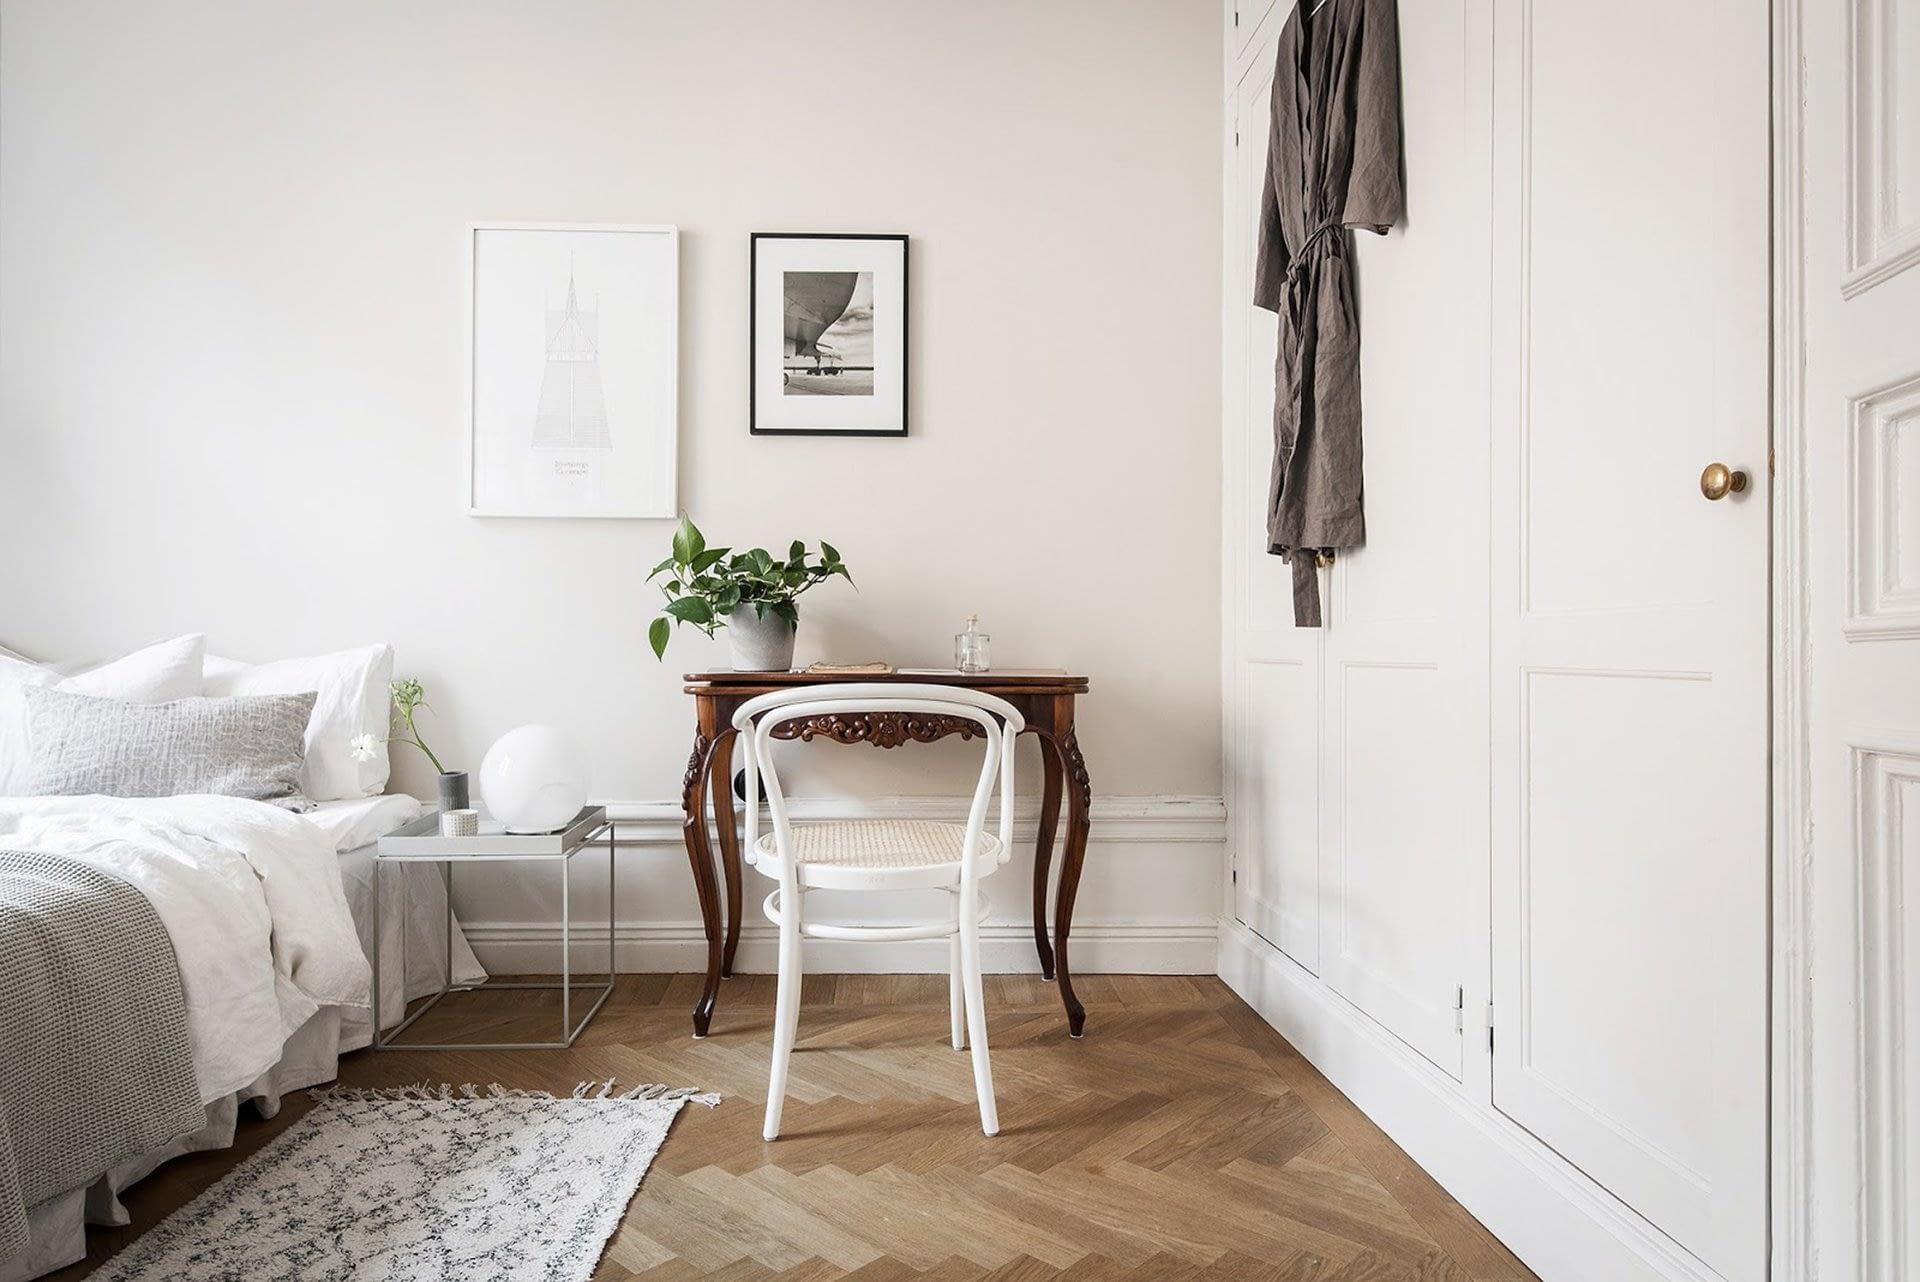 Amenajare scandinava in tonuri naturale de culoare intr-un apartament de 43 mp. 16